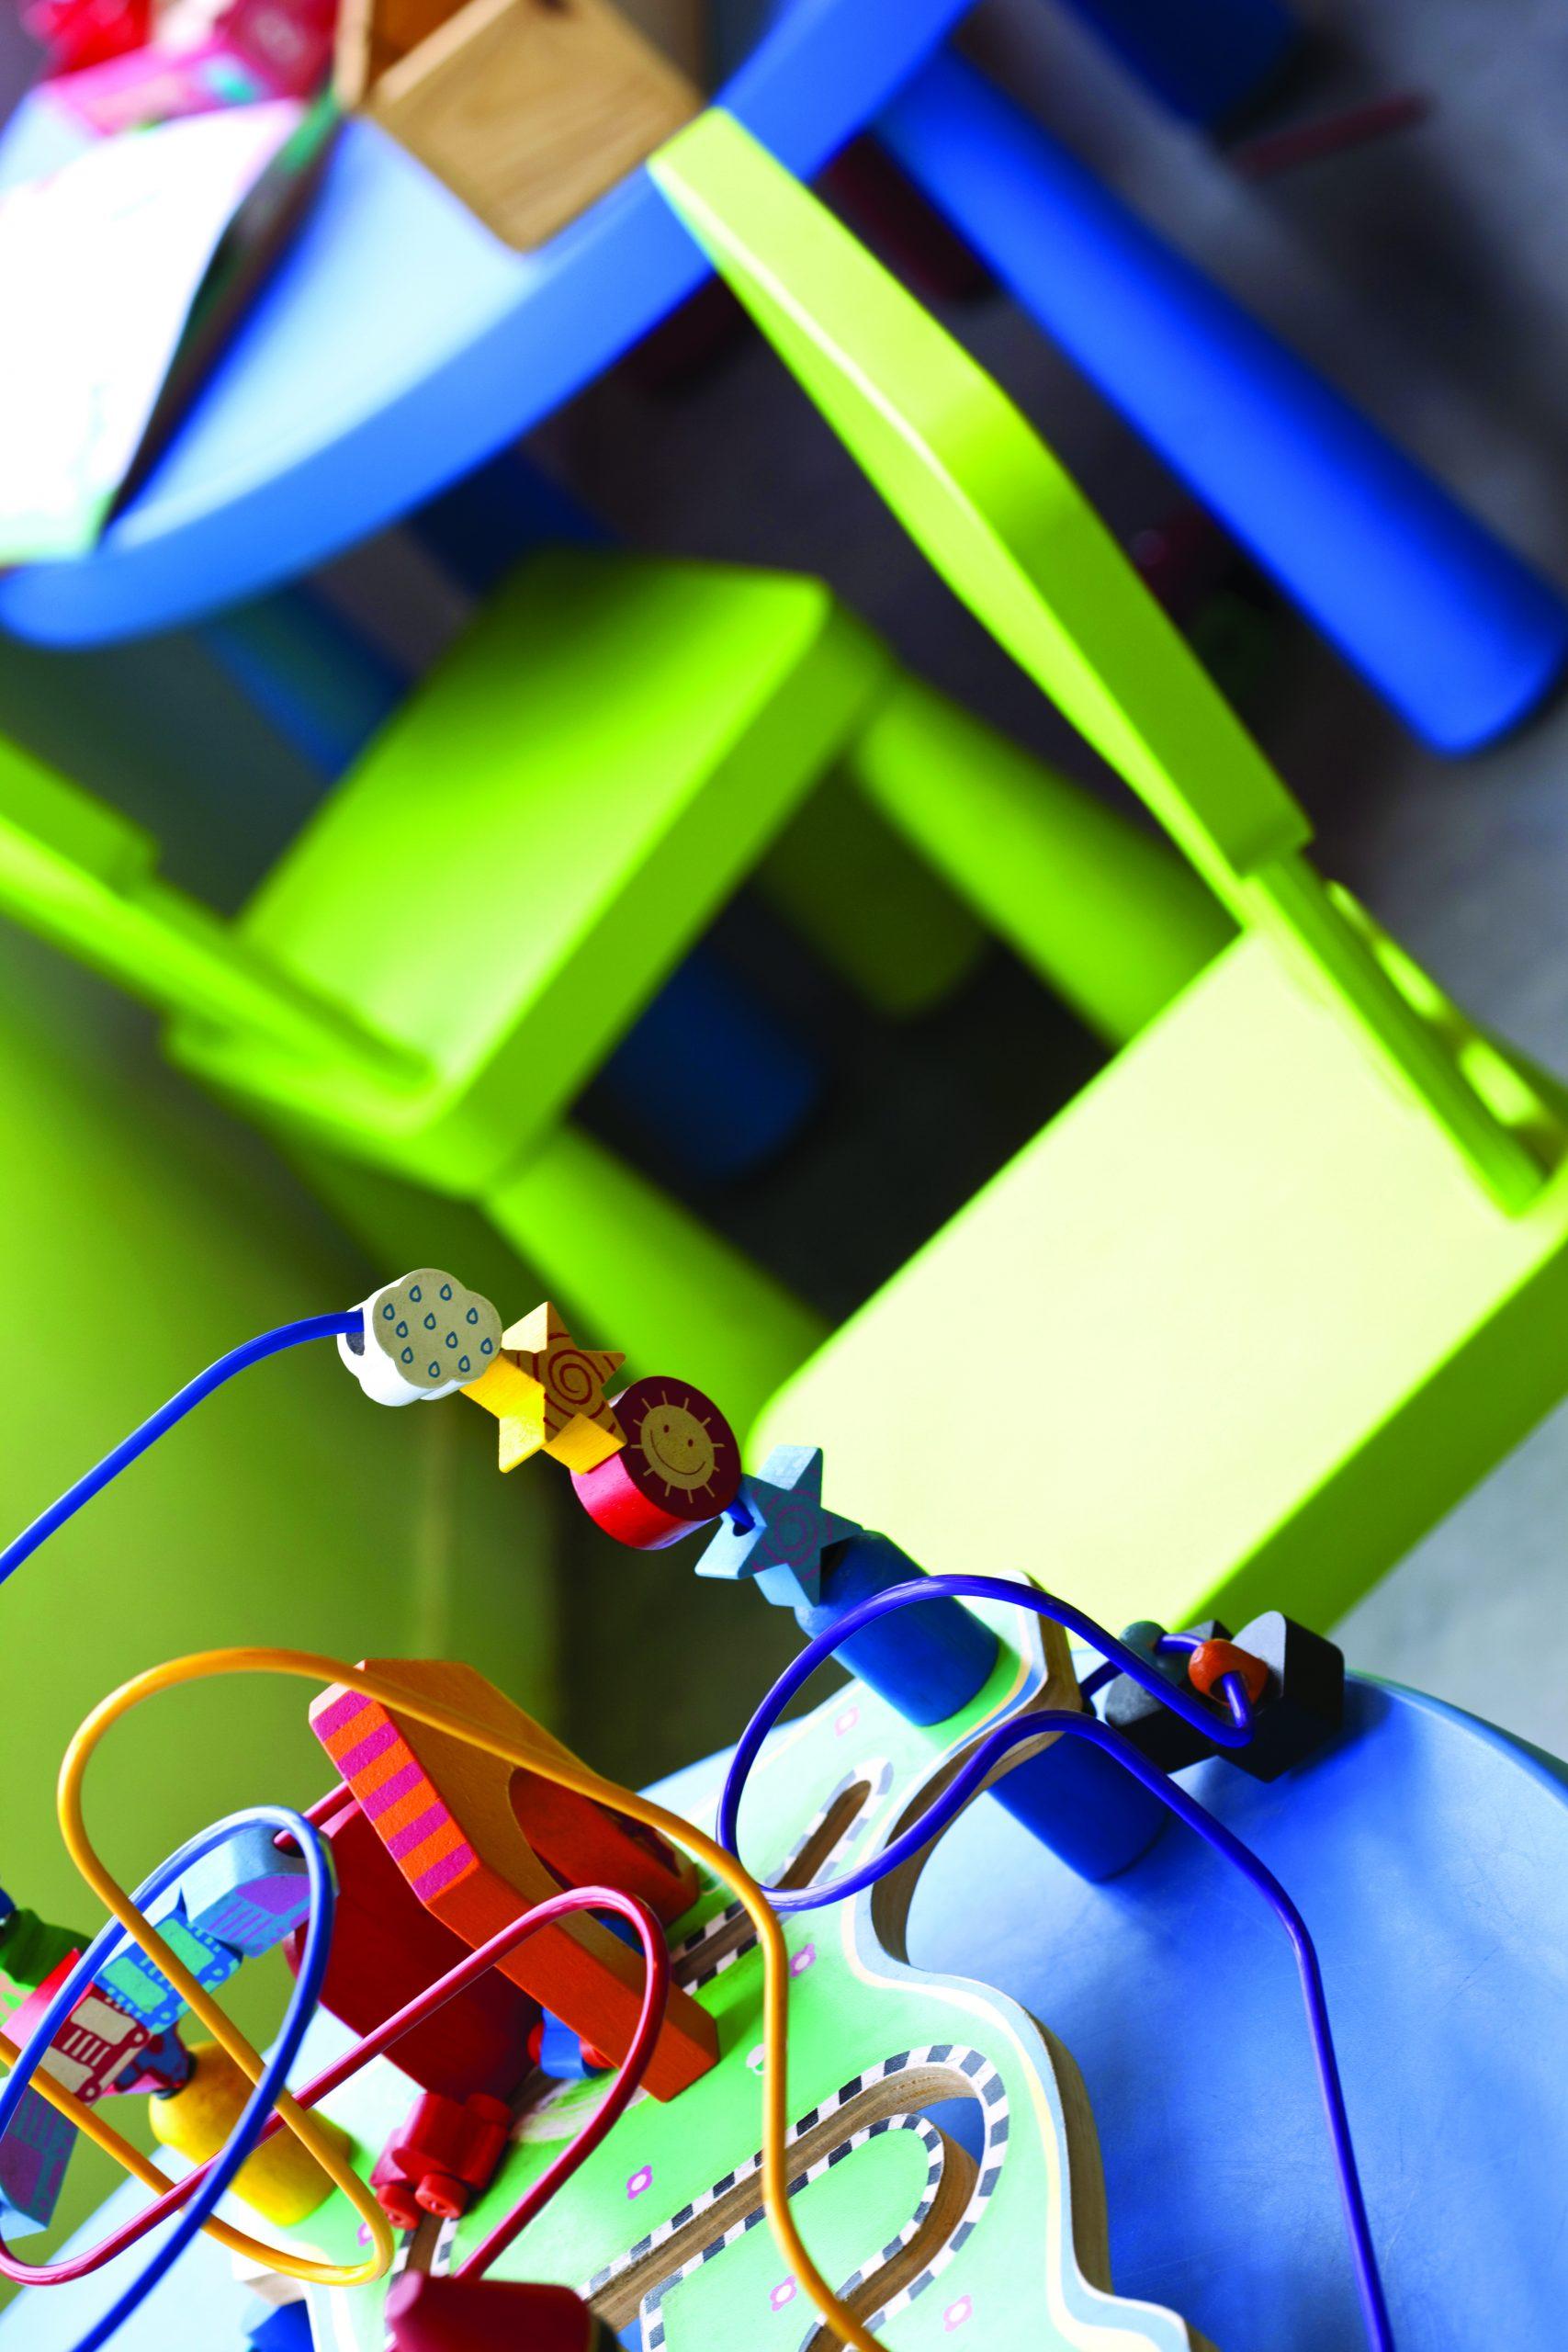 jouet_real2_next_panneauxdecorreze